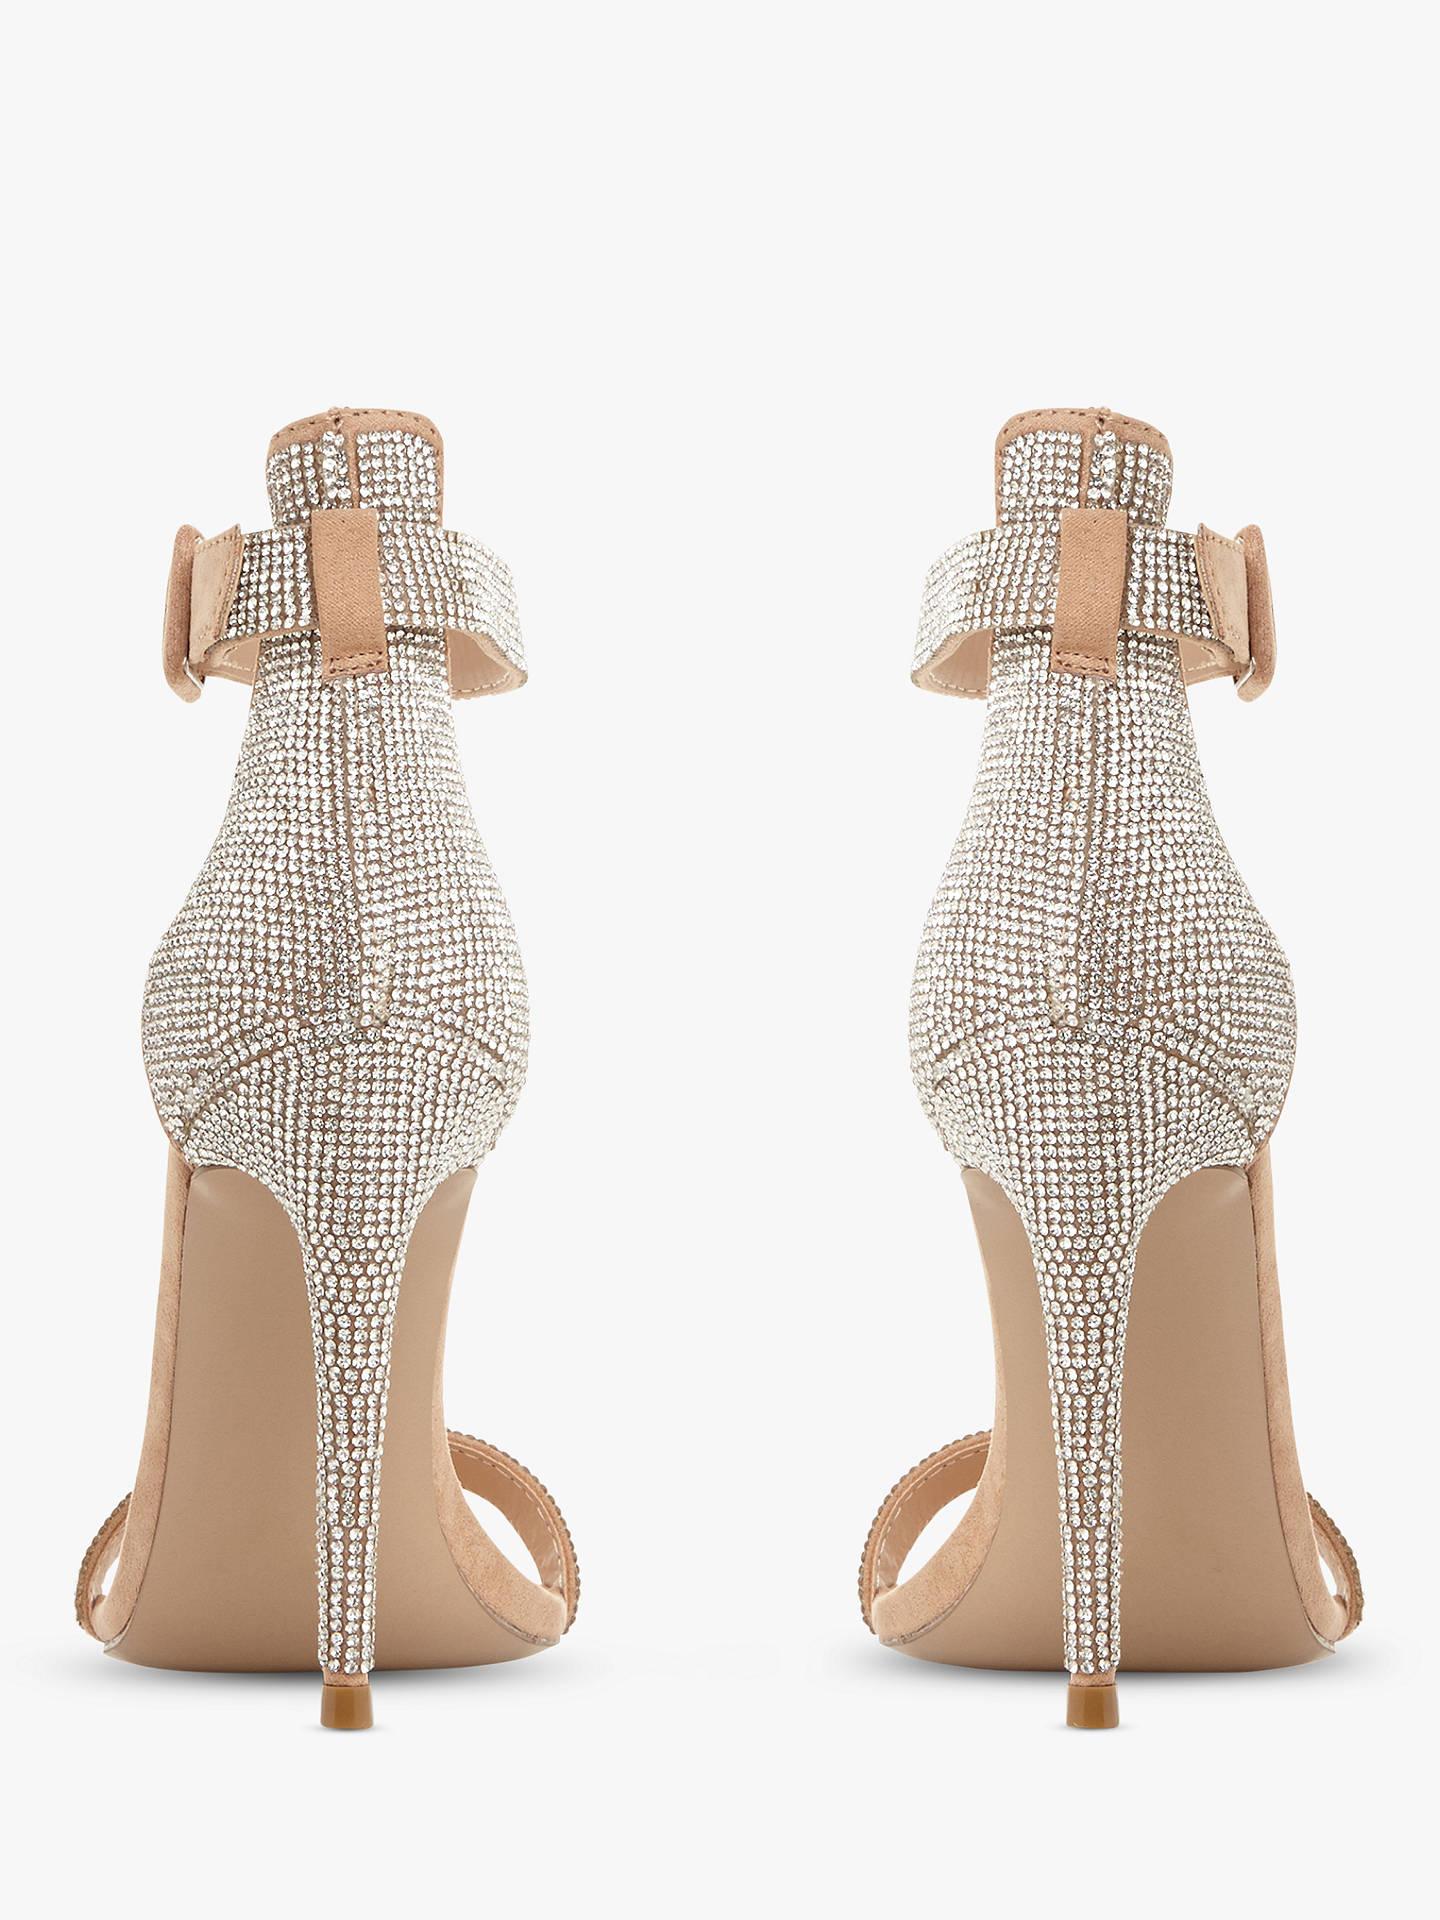 e23d8ca13ef ... Buy Steve Madden Mischa Embellished Ankle Strap Heeled Sandals